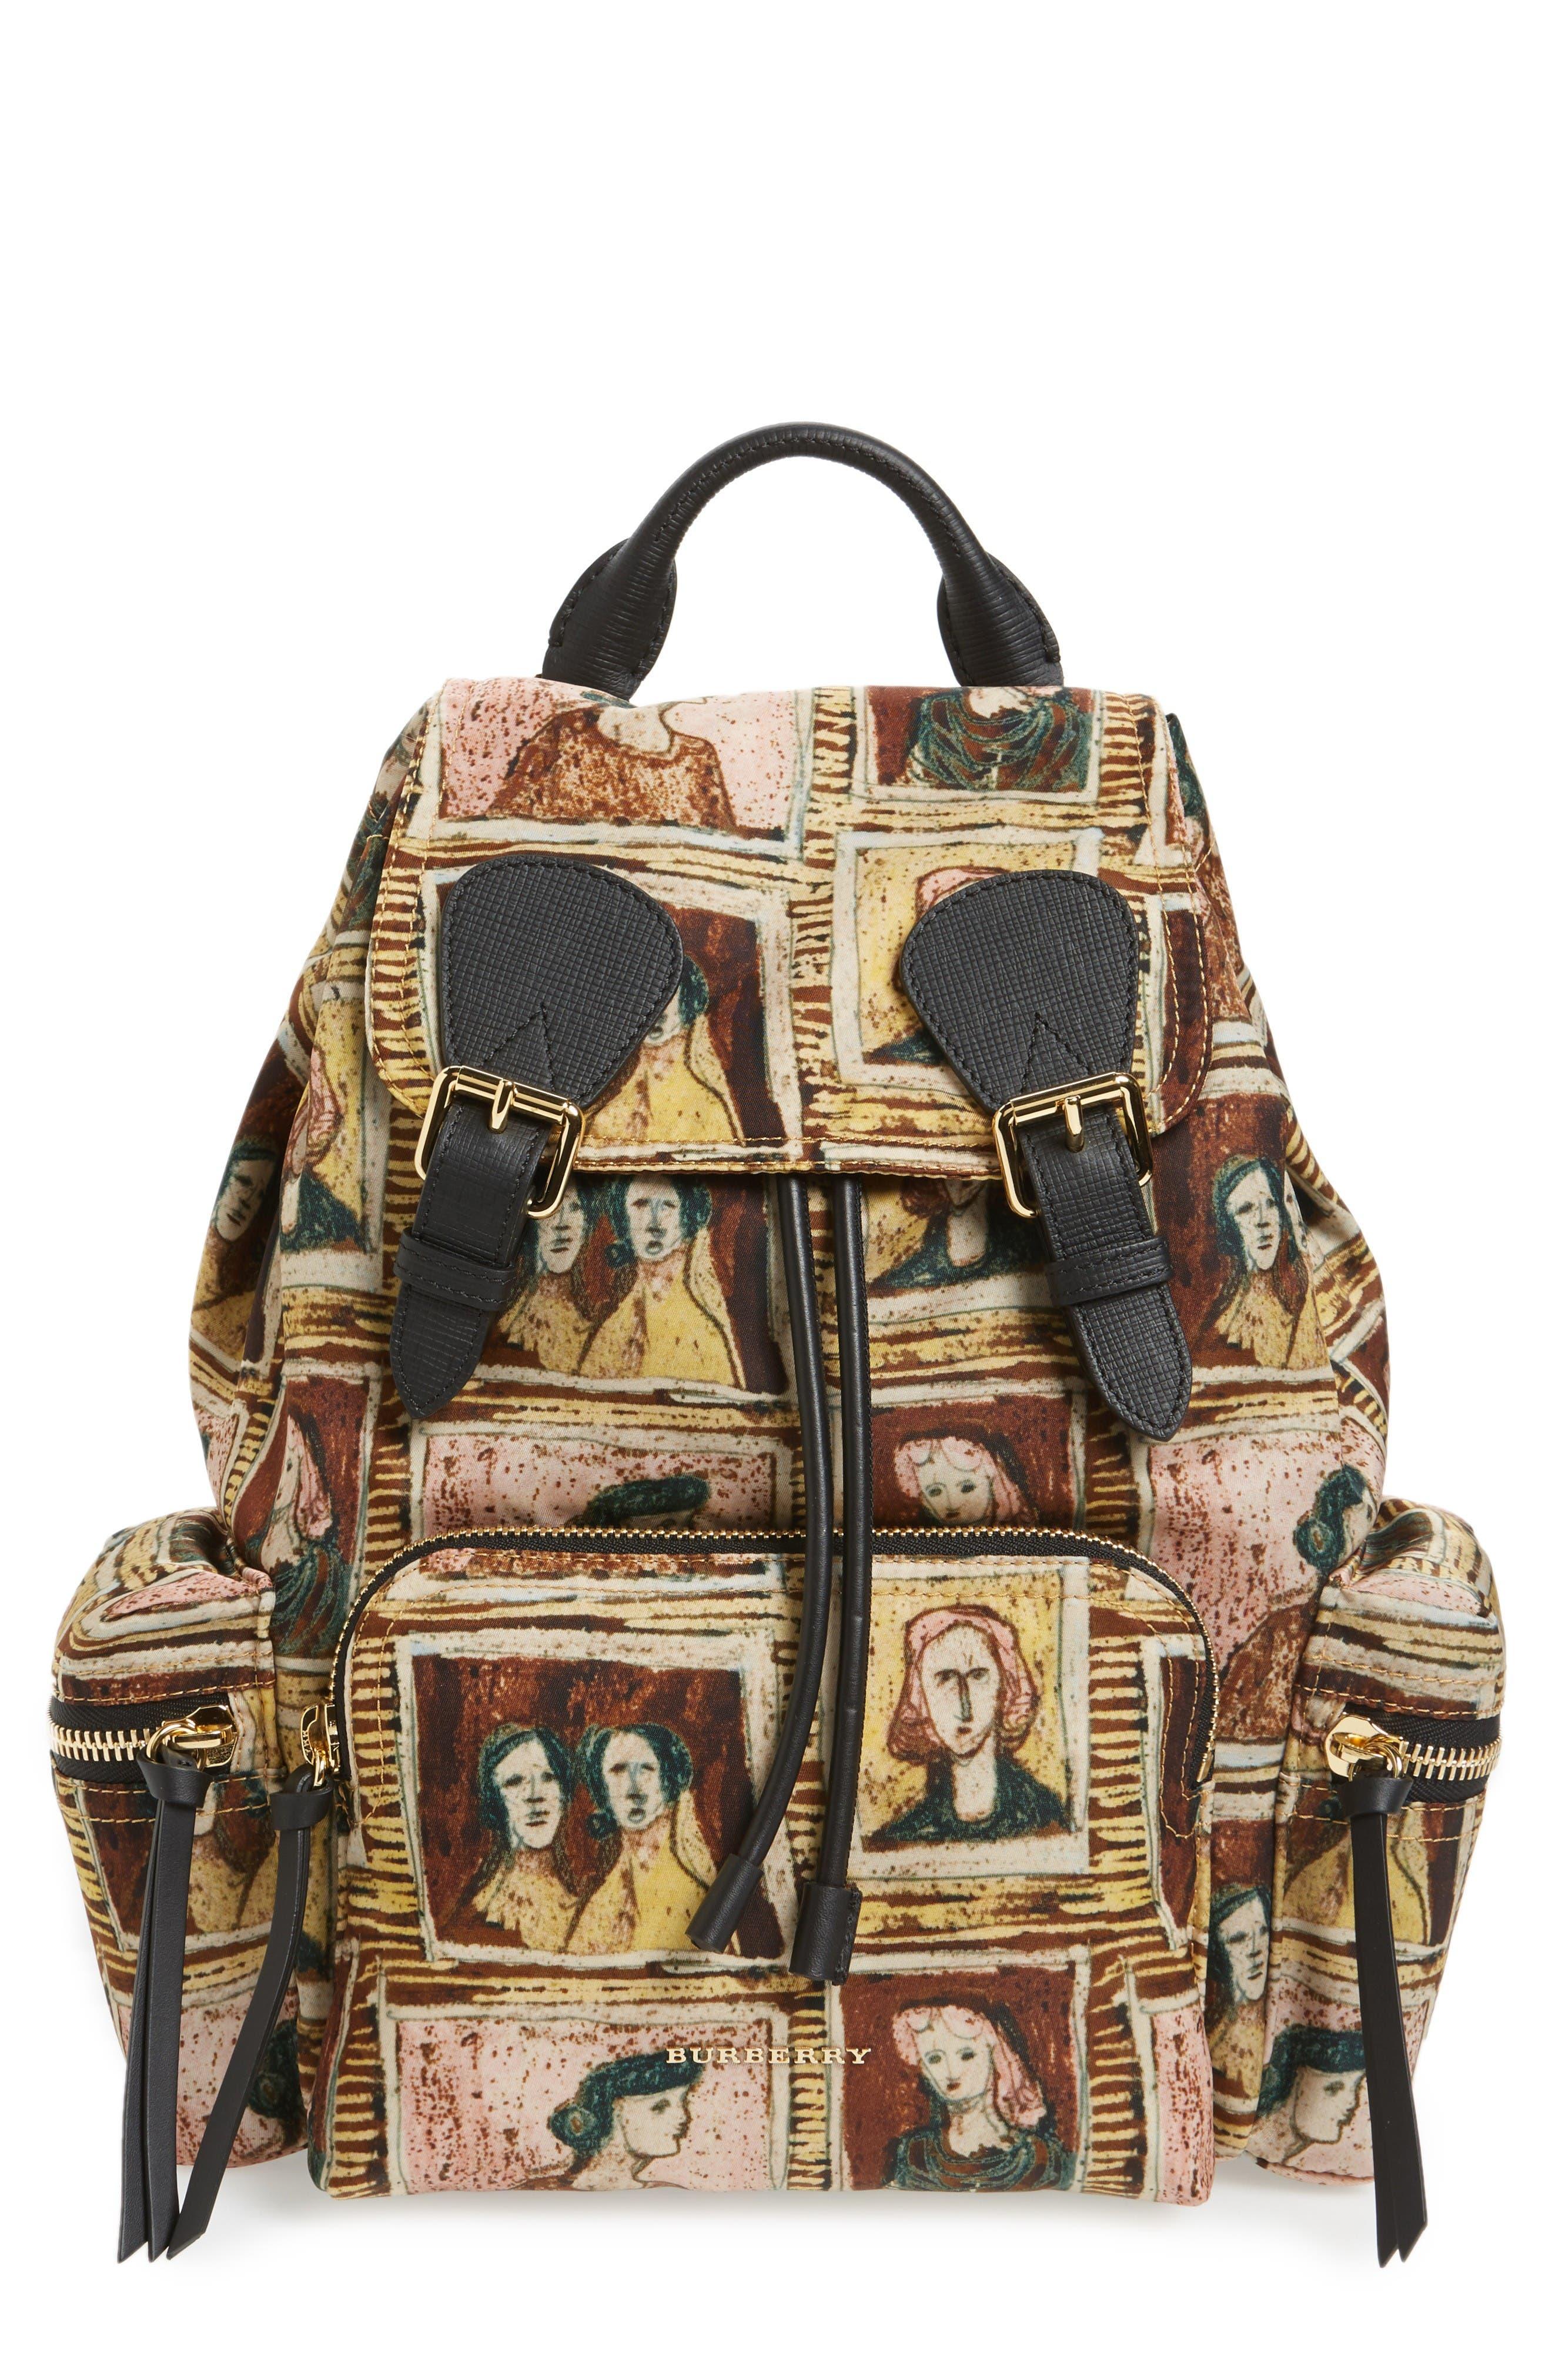 Medium Henrey Backpack,                             Main thumbnail 1, color,                             Umber Brown Multi